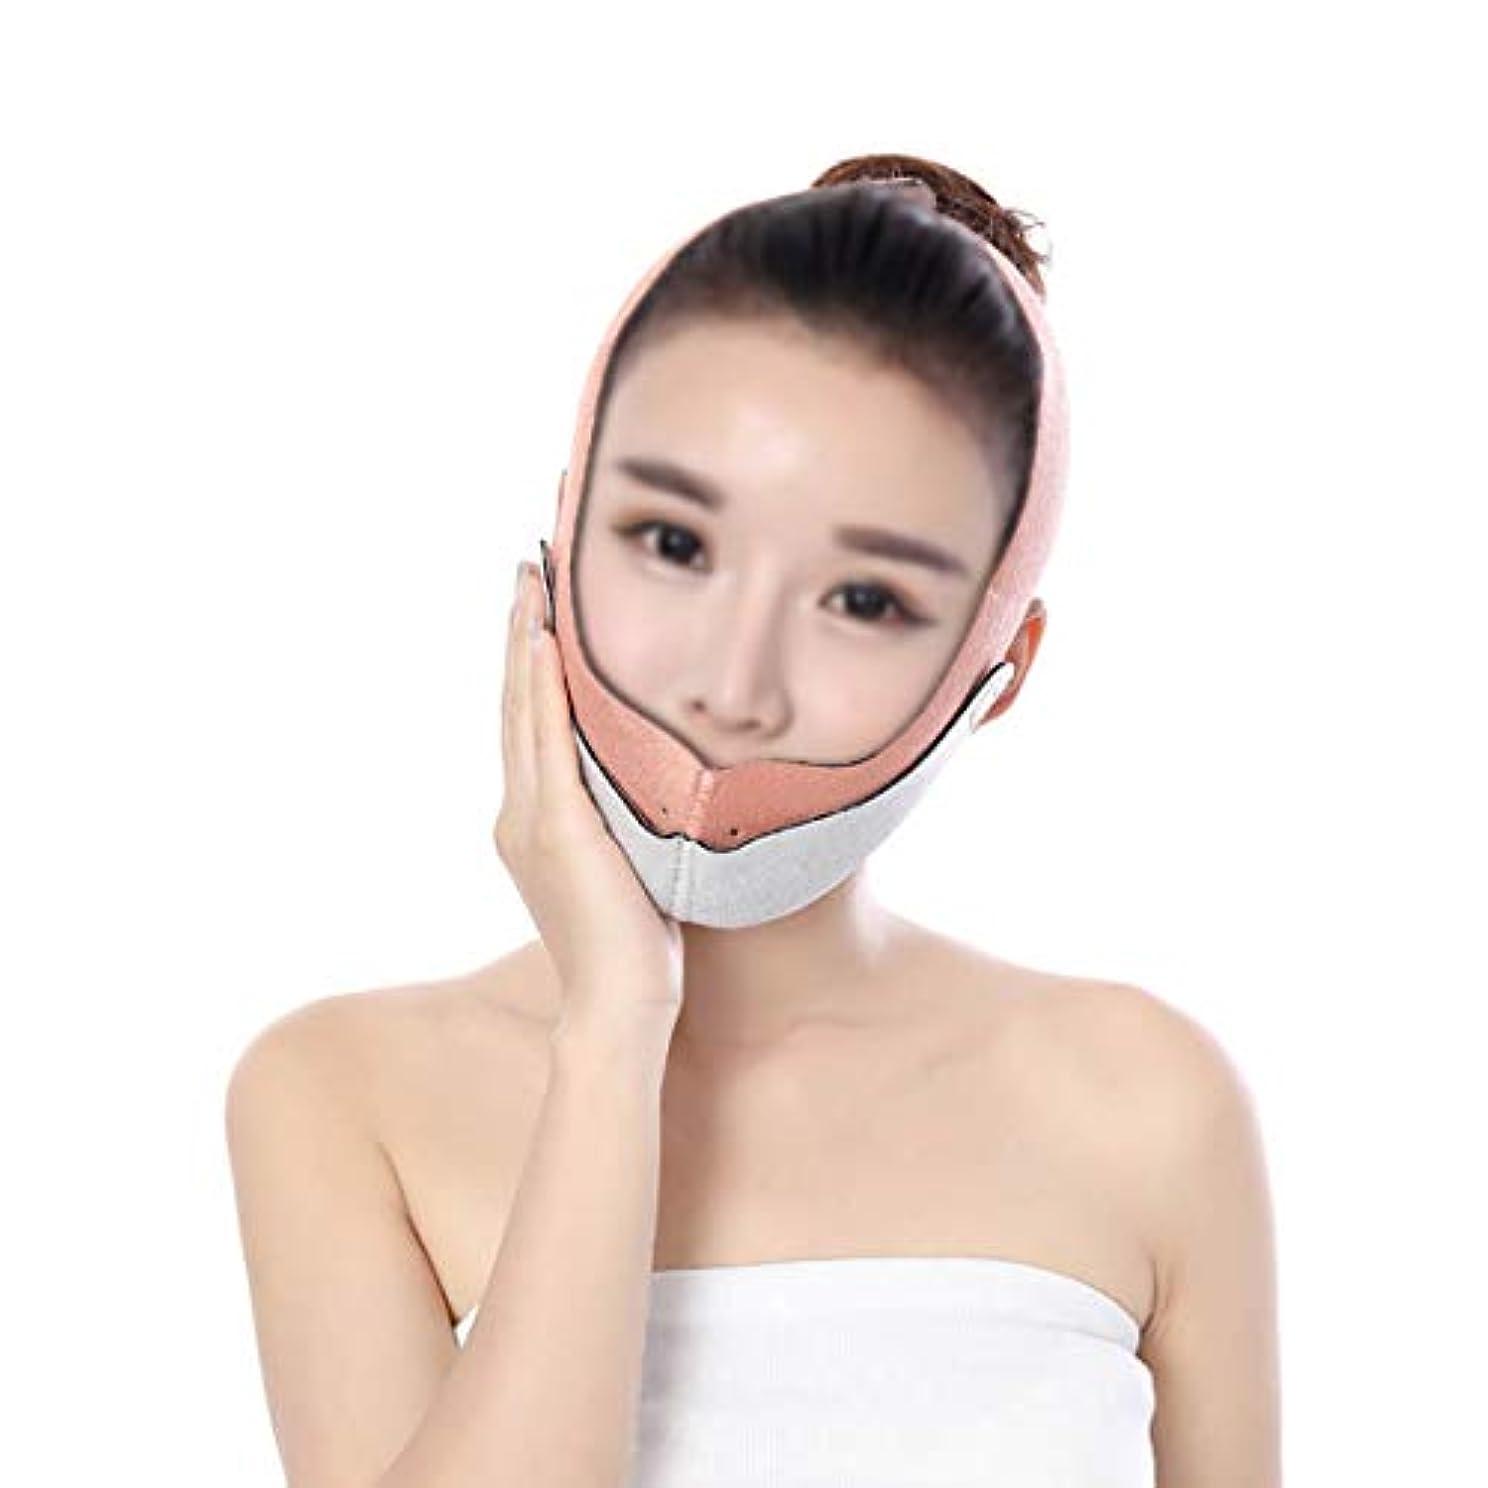 後方アスレチック荷物TLMY ファーミングマスク薄い顔アーティファクト補正フェイスリフティングアンチたるみ包帯美容マスクマスクVフェイスクロスツール 顔用整形マスク